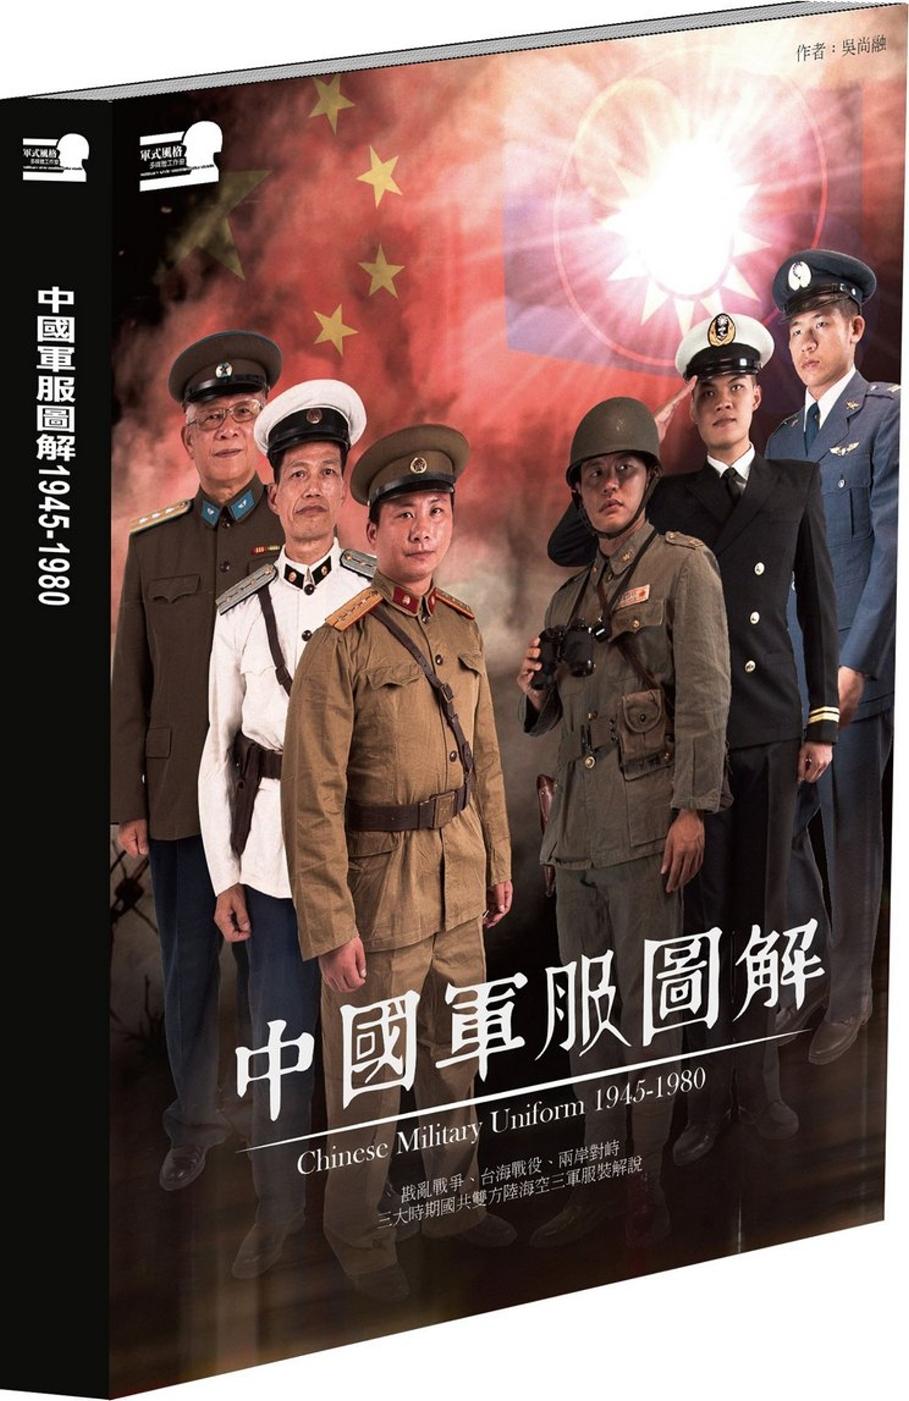 中國軍服圖解 1945-1980